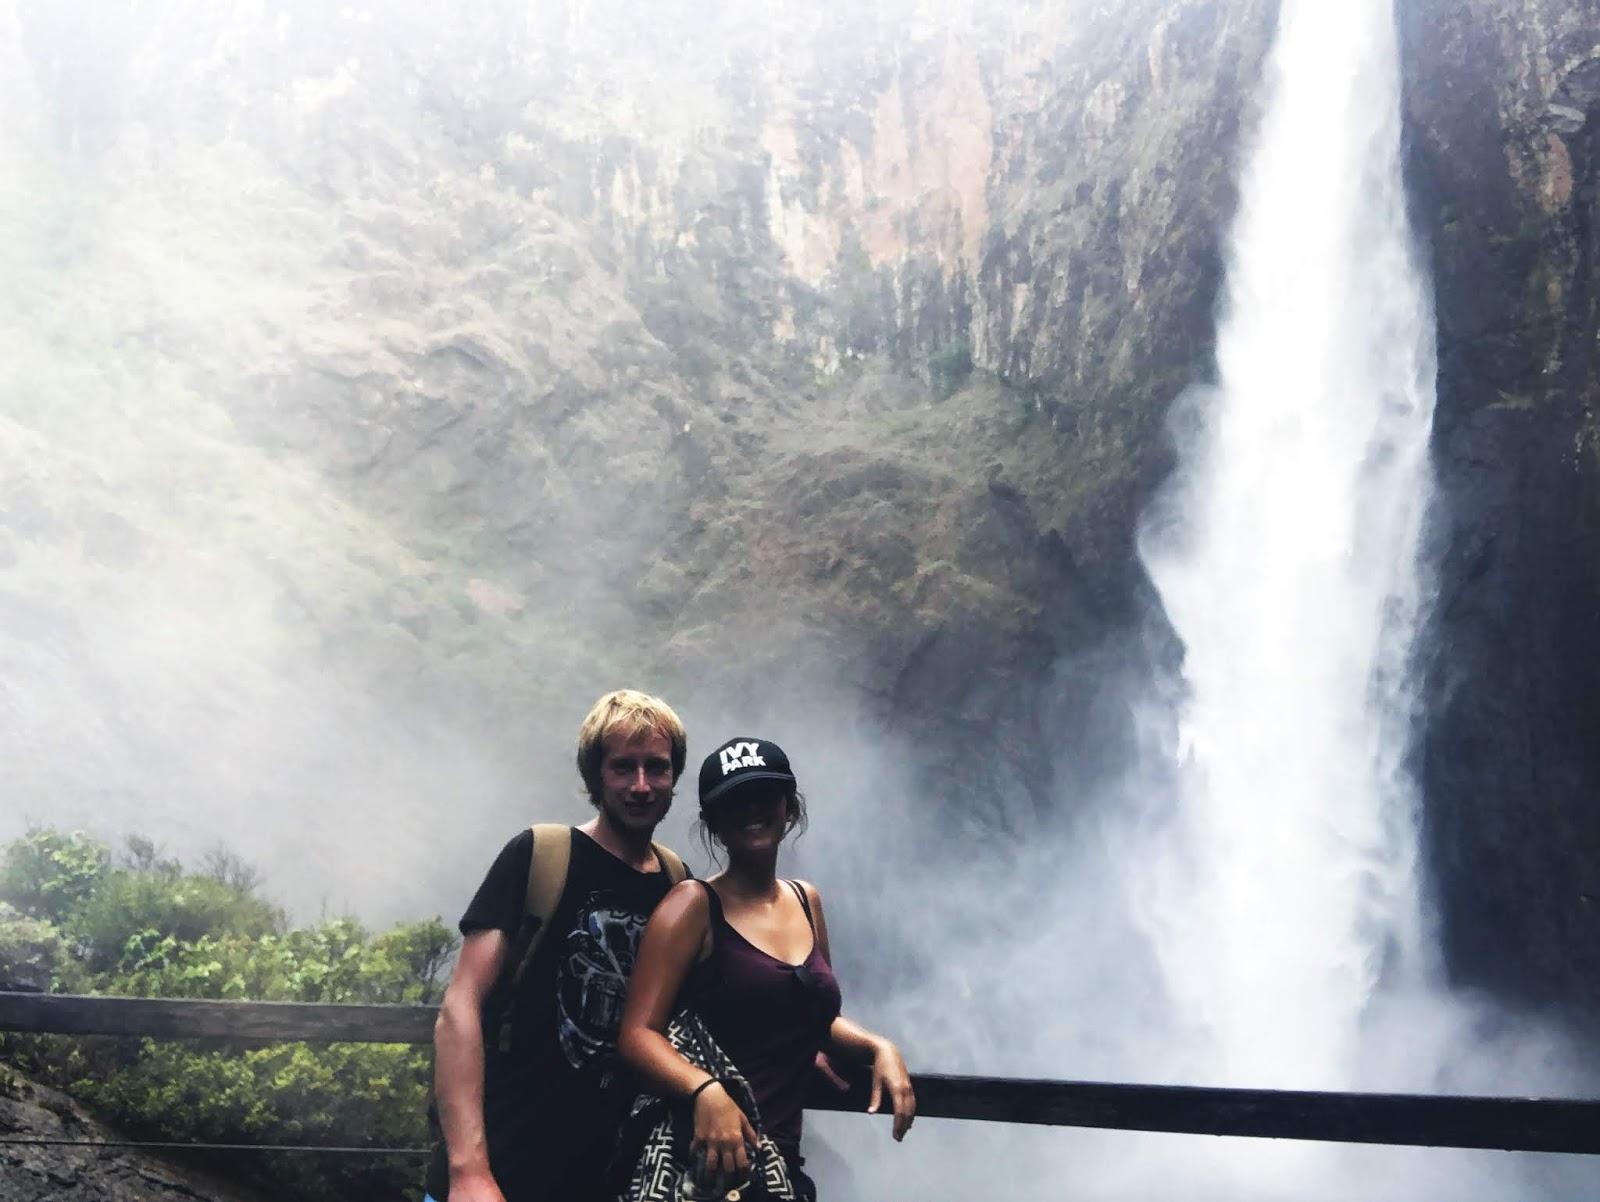 Dolny punkt widokowy na wodospad Wallaman Falls, który znajduje się za dwoma podróżnikami. Dwie osoby mężczyzna i kobieta zwróceni są w stronę kamery żeby zrobić sobie turystyczne zdjęcie.